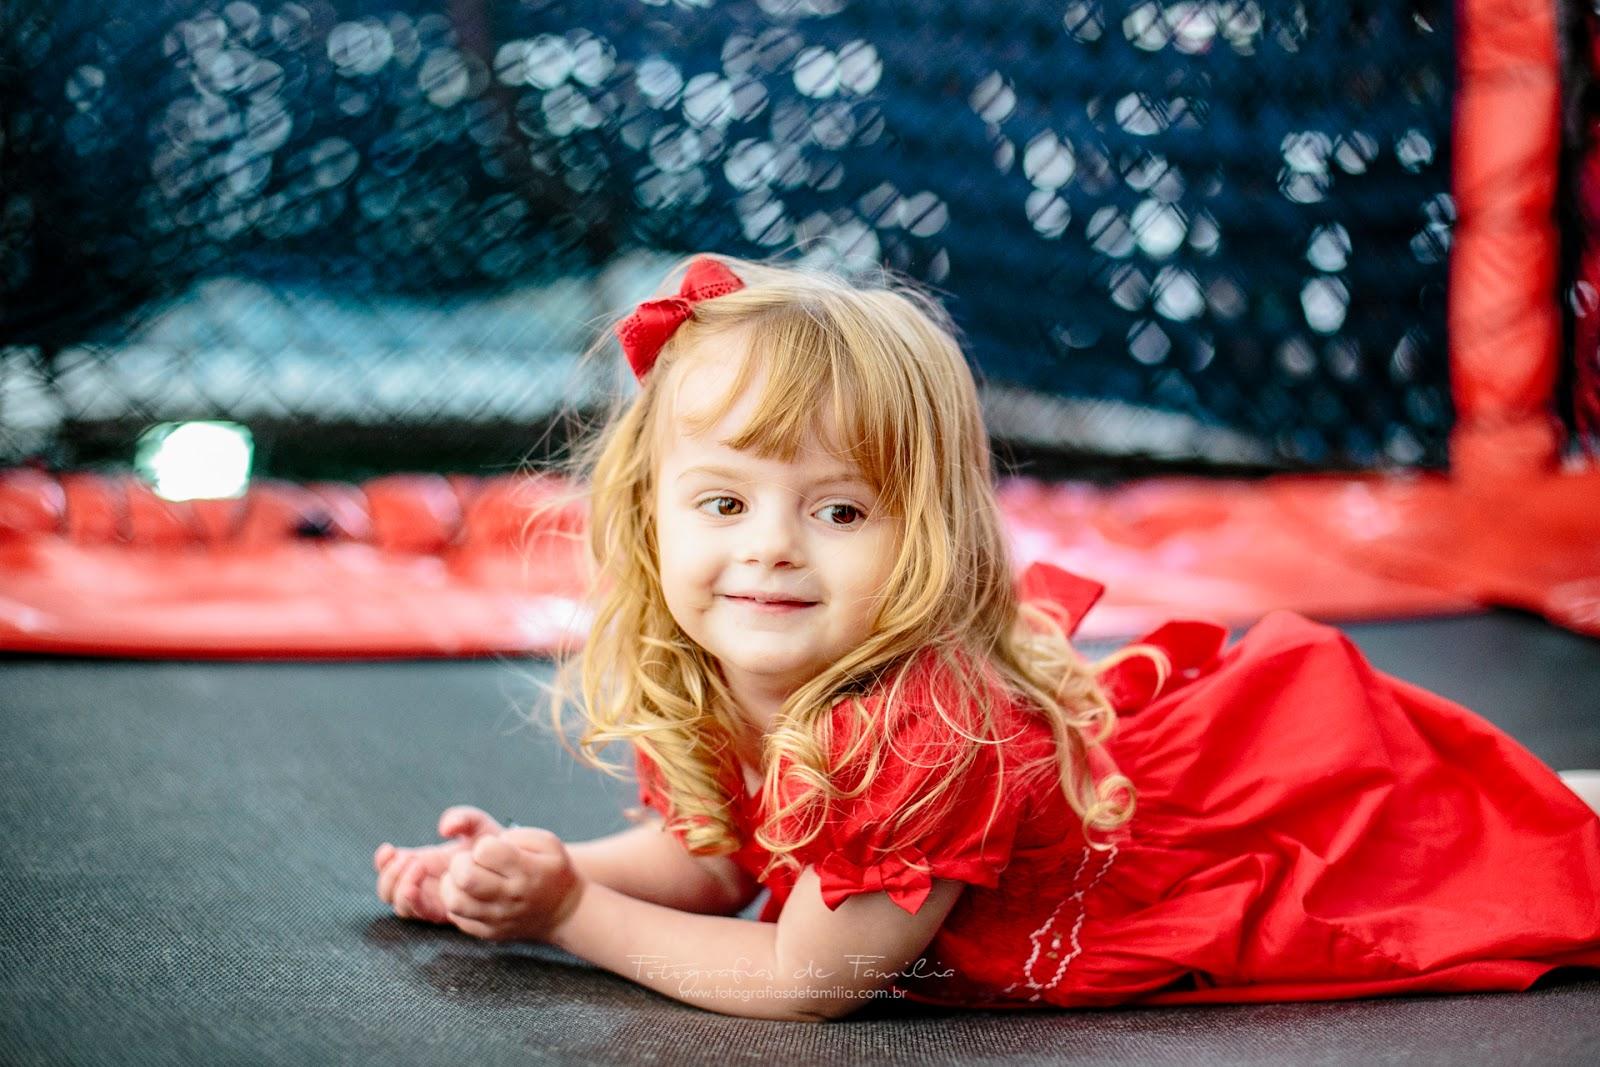 fotografo festa infantil moema sp